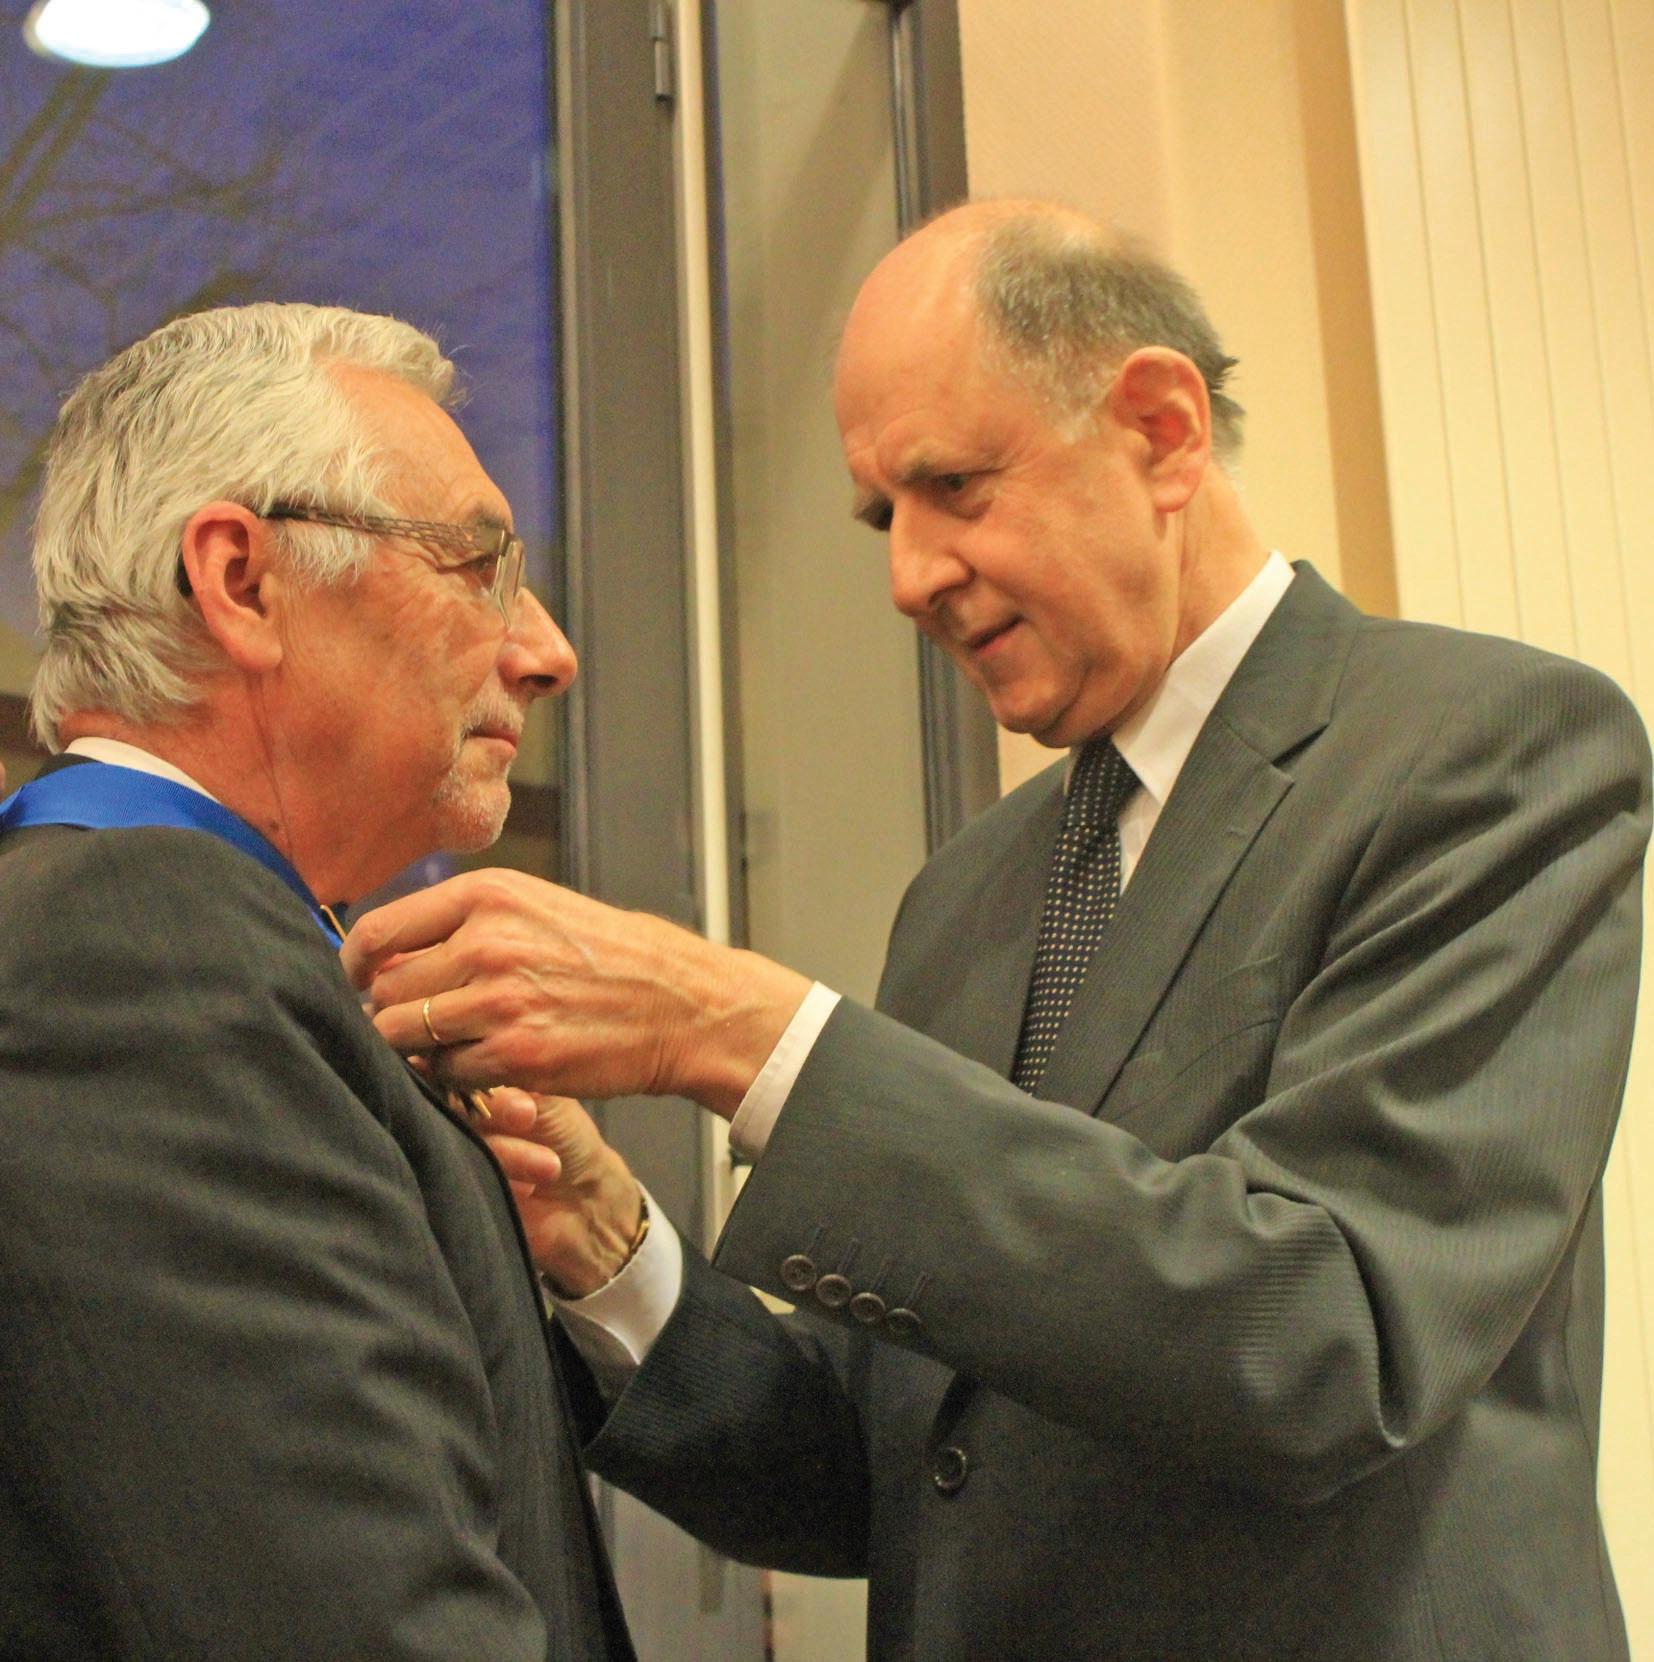 Ce 20 février 2012, en nouant au cou de Bernard Foucher le cordon bleu de commandeur dans l'ordre national du Mérite, c'est une Cour administrative d'appel de Douai performante qui était honorée par Jean-Marc Sauvé, vice-président du Conseil d'Etat.